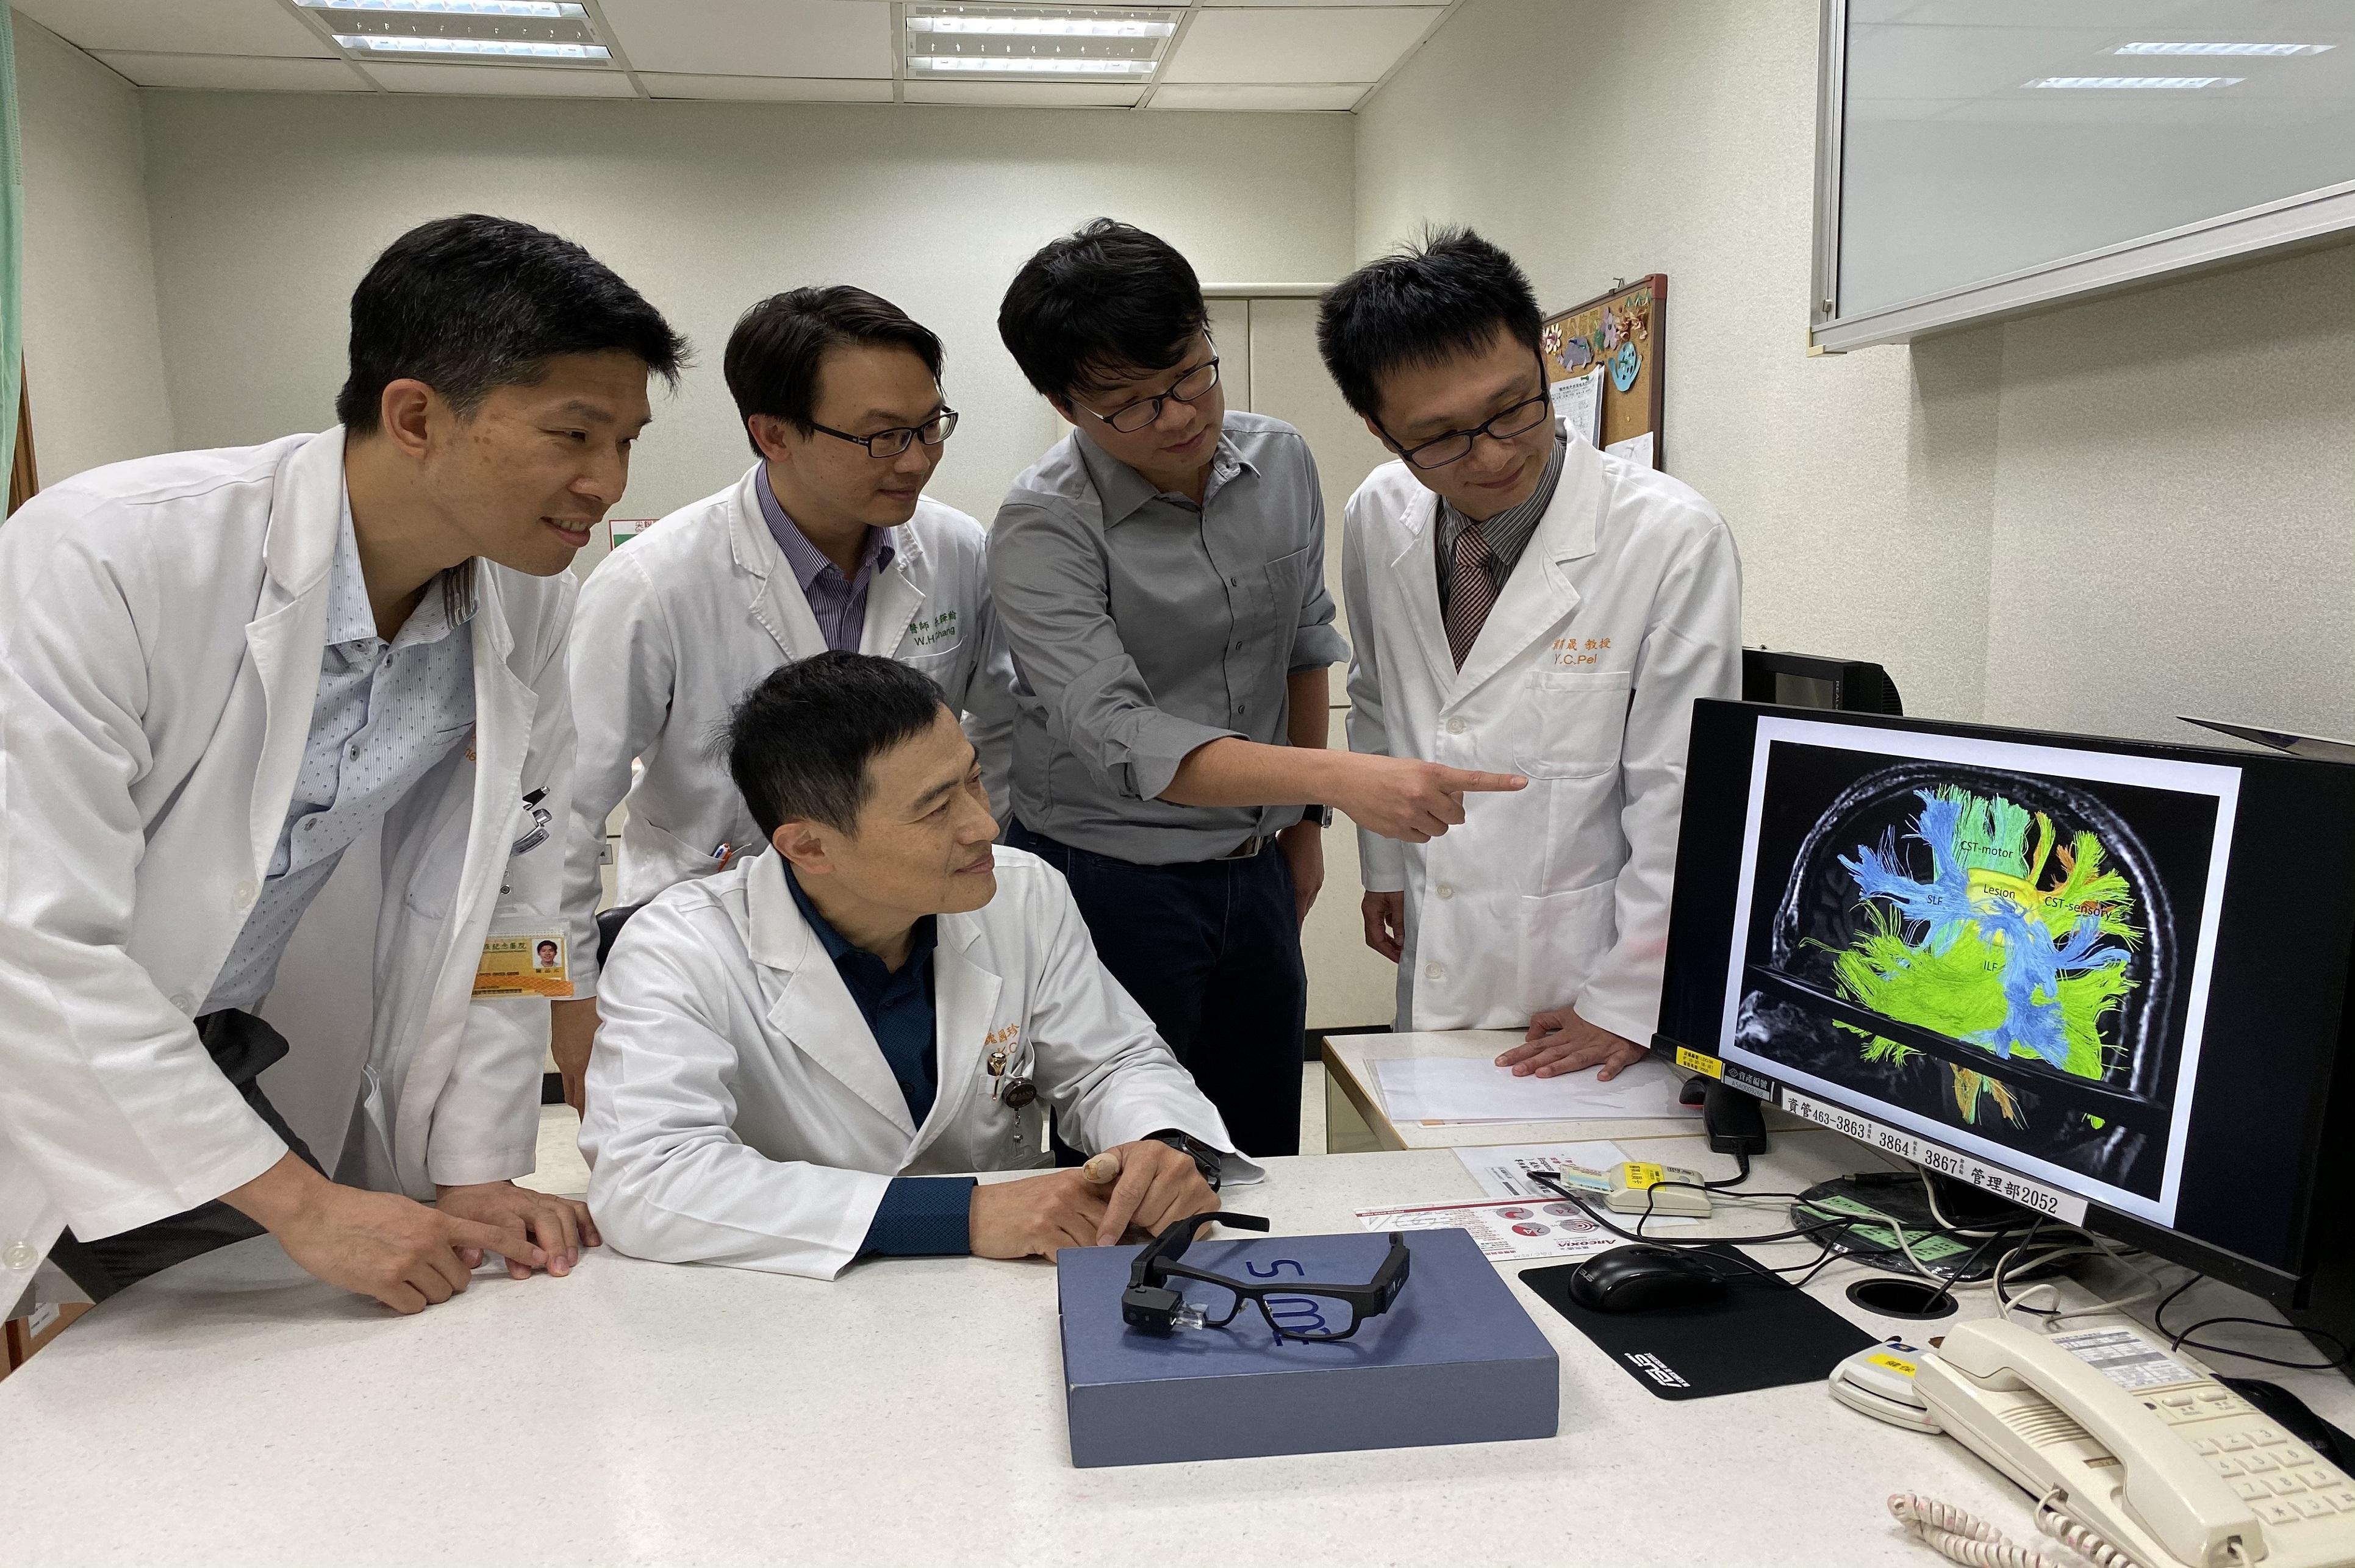 團隊於術前討論病患腦部影像及手術計畫